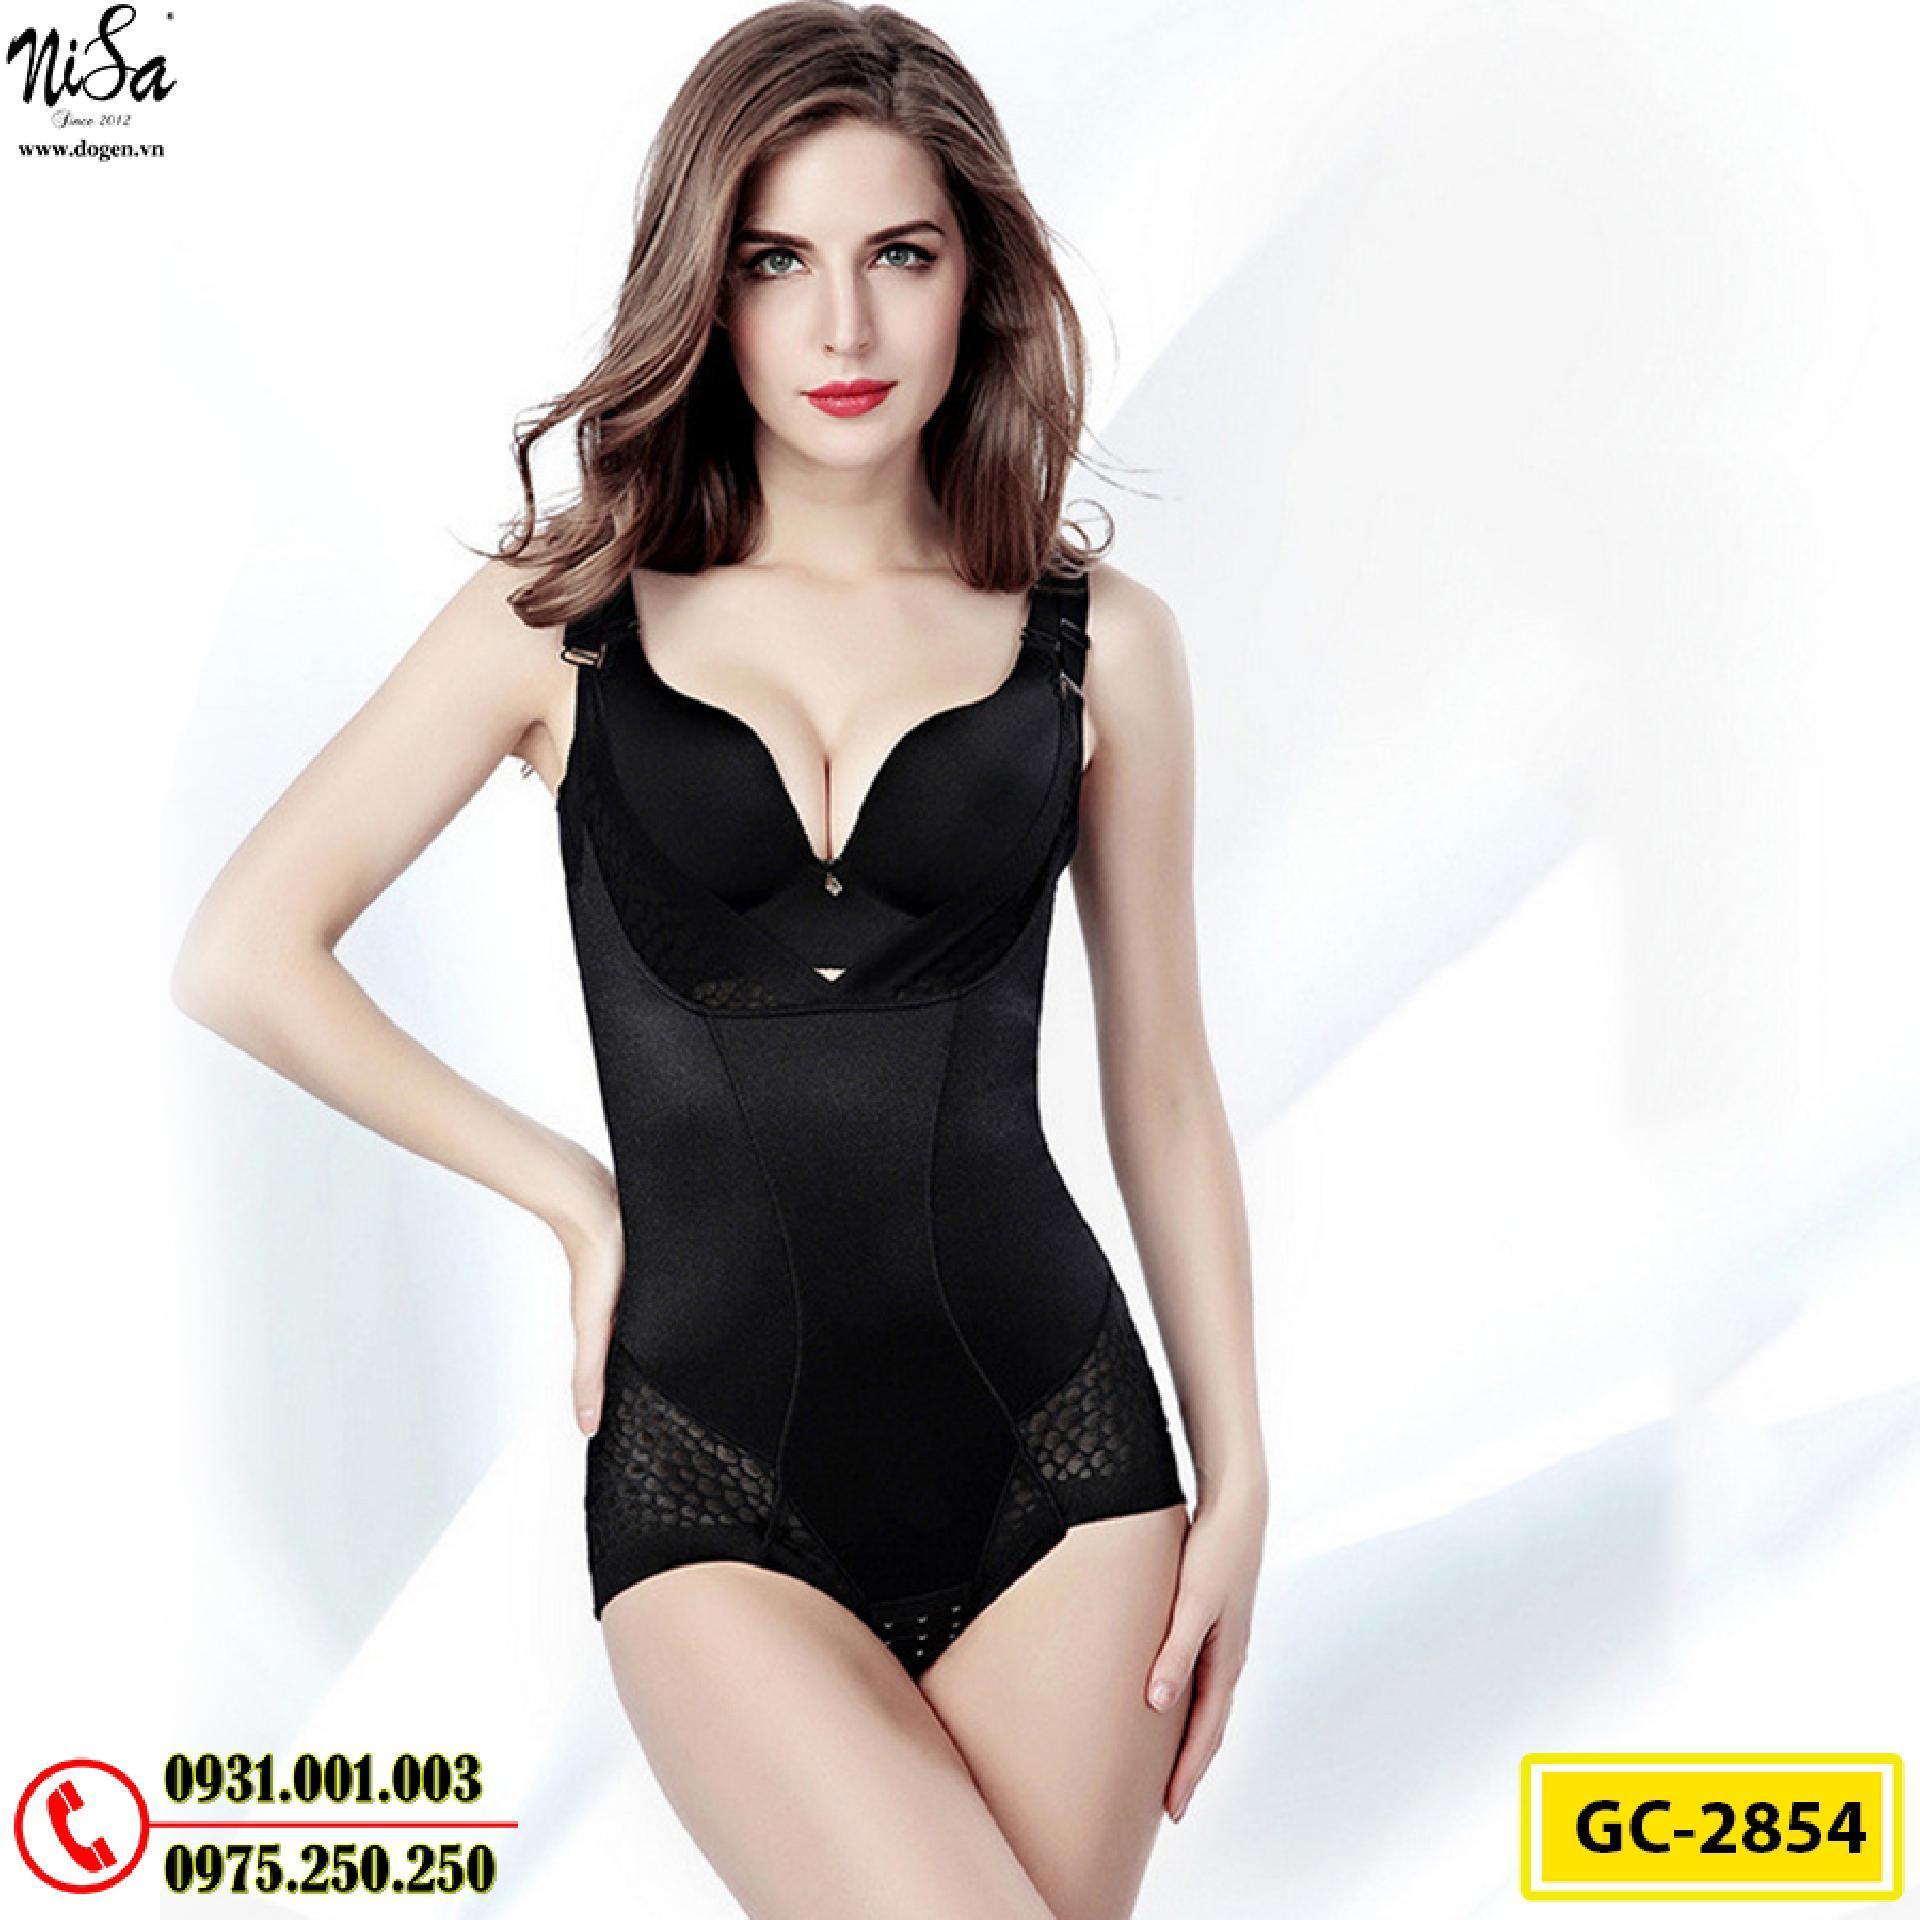 Bộ Đồ Lót Định Hình Bikini Liền Thân Thu Gọn Vòng Eo (Cod: GC-2854)